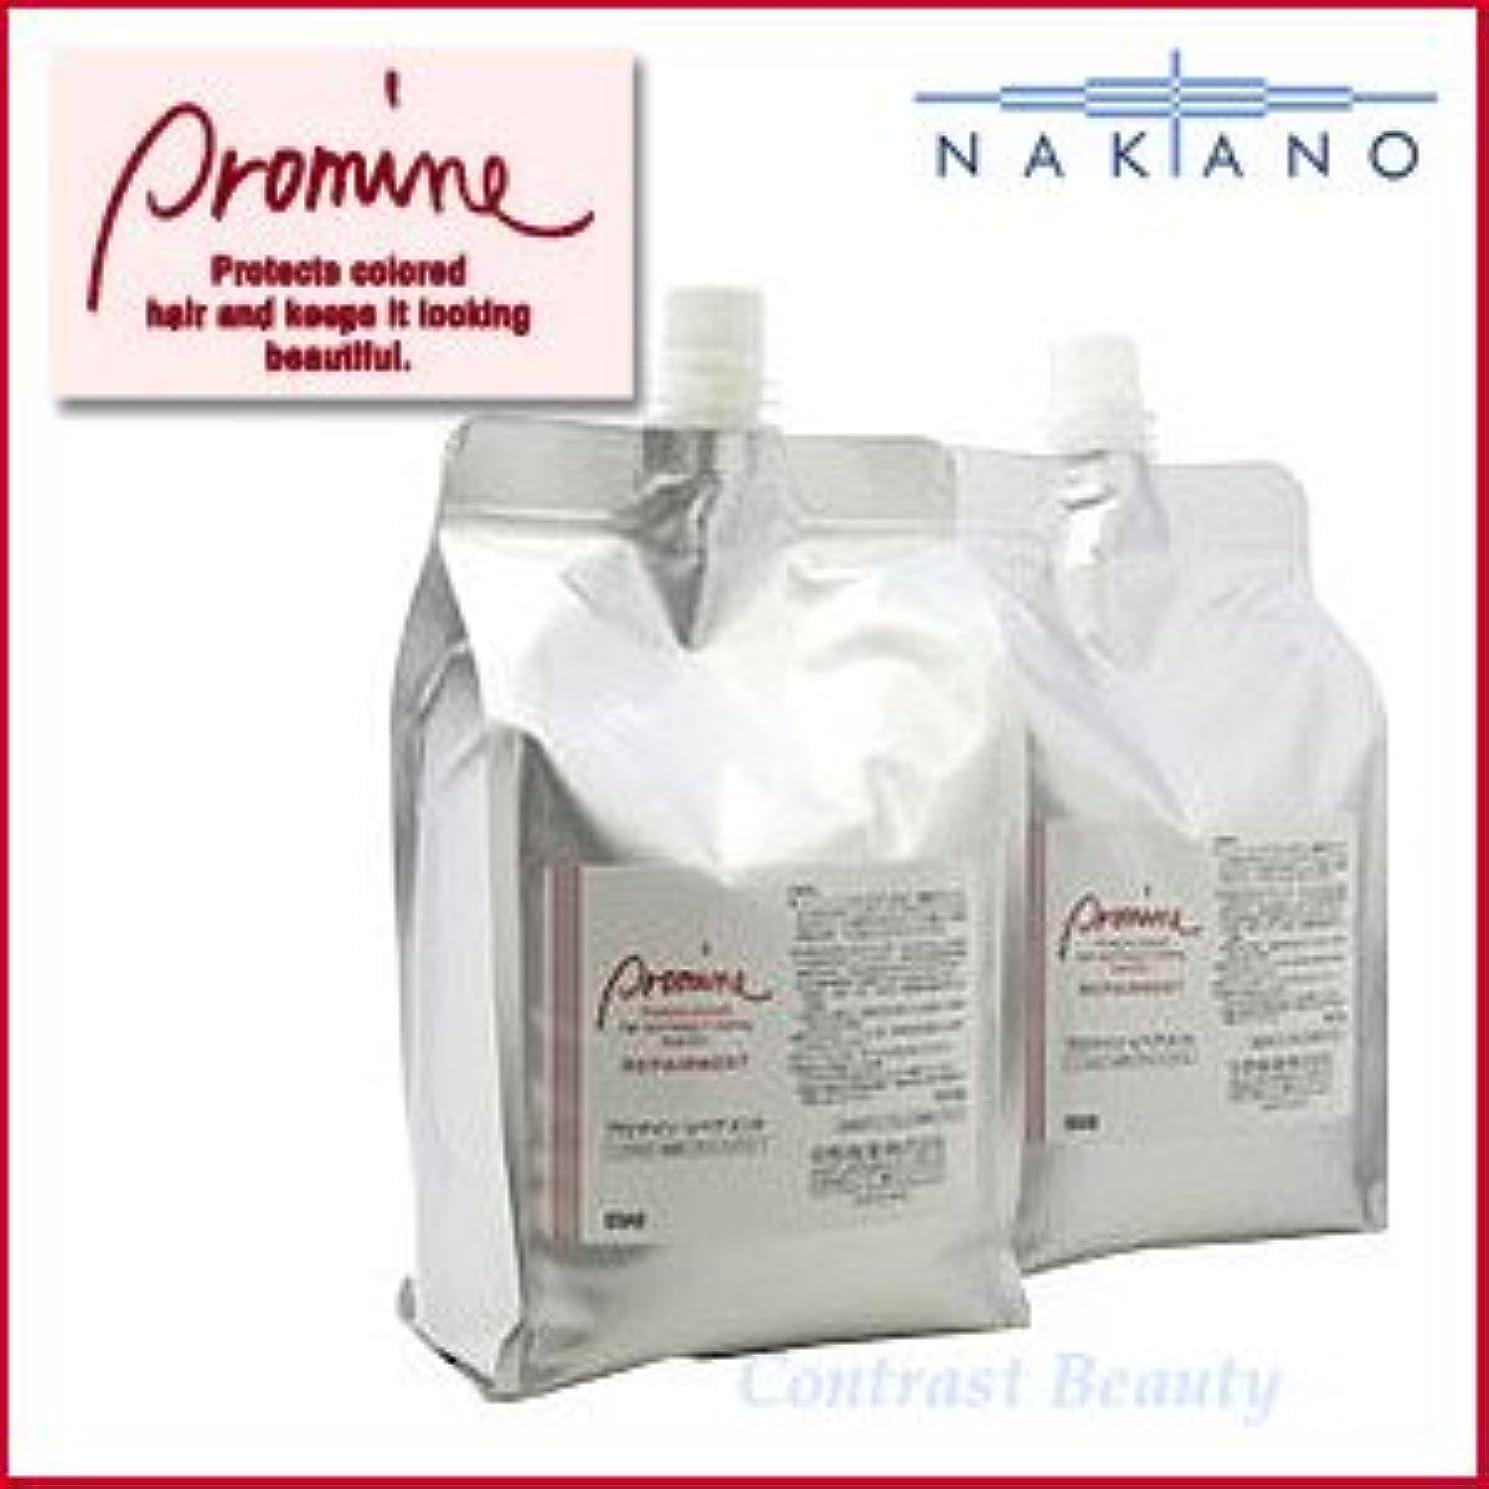 処方非常に削るナカノ プロマイン リペアメント 3000g(1500g×2)レフィル